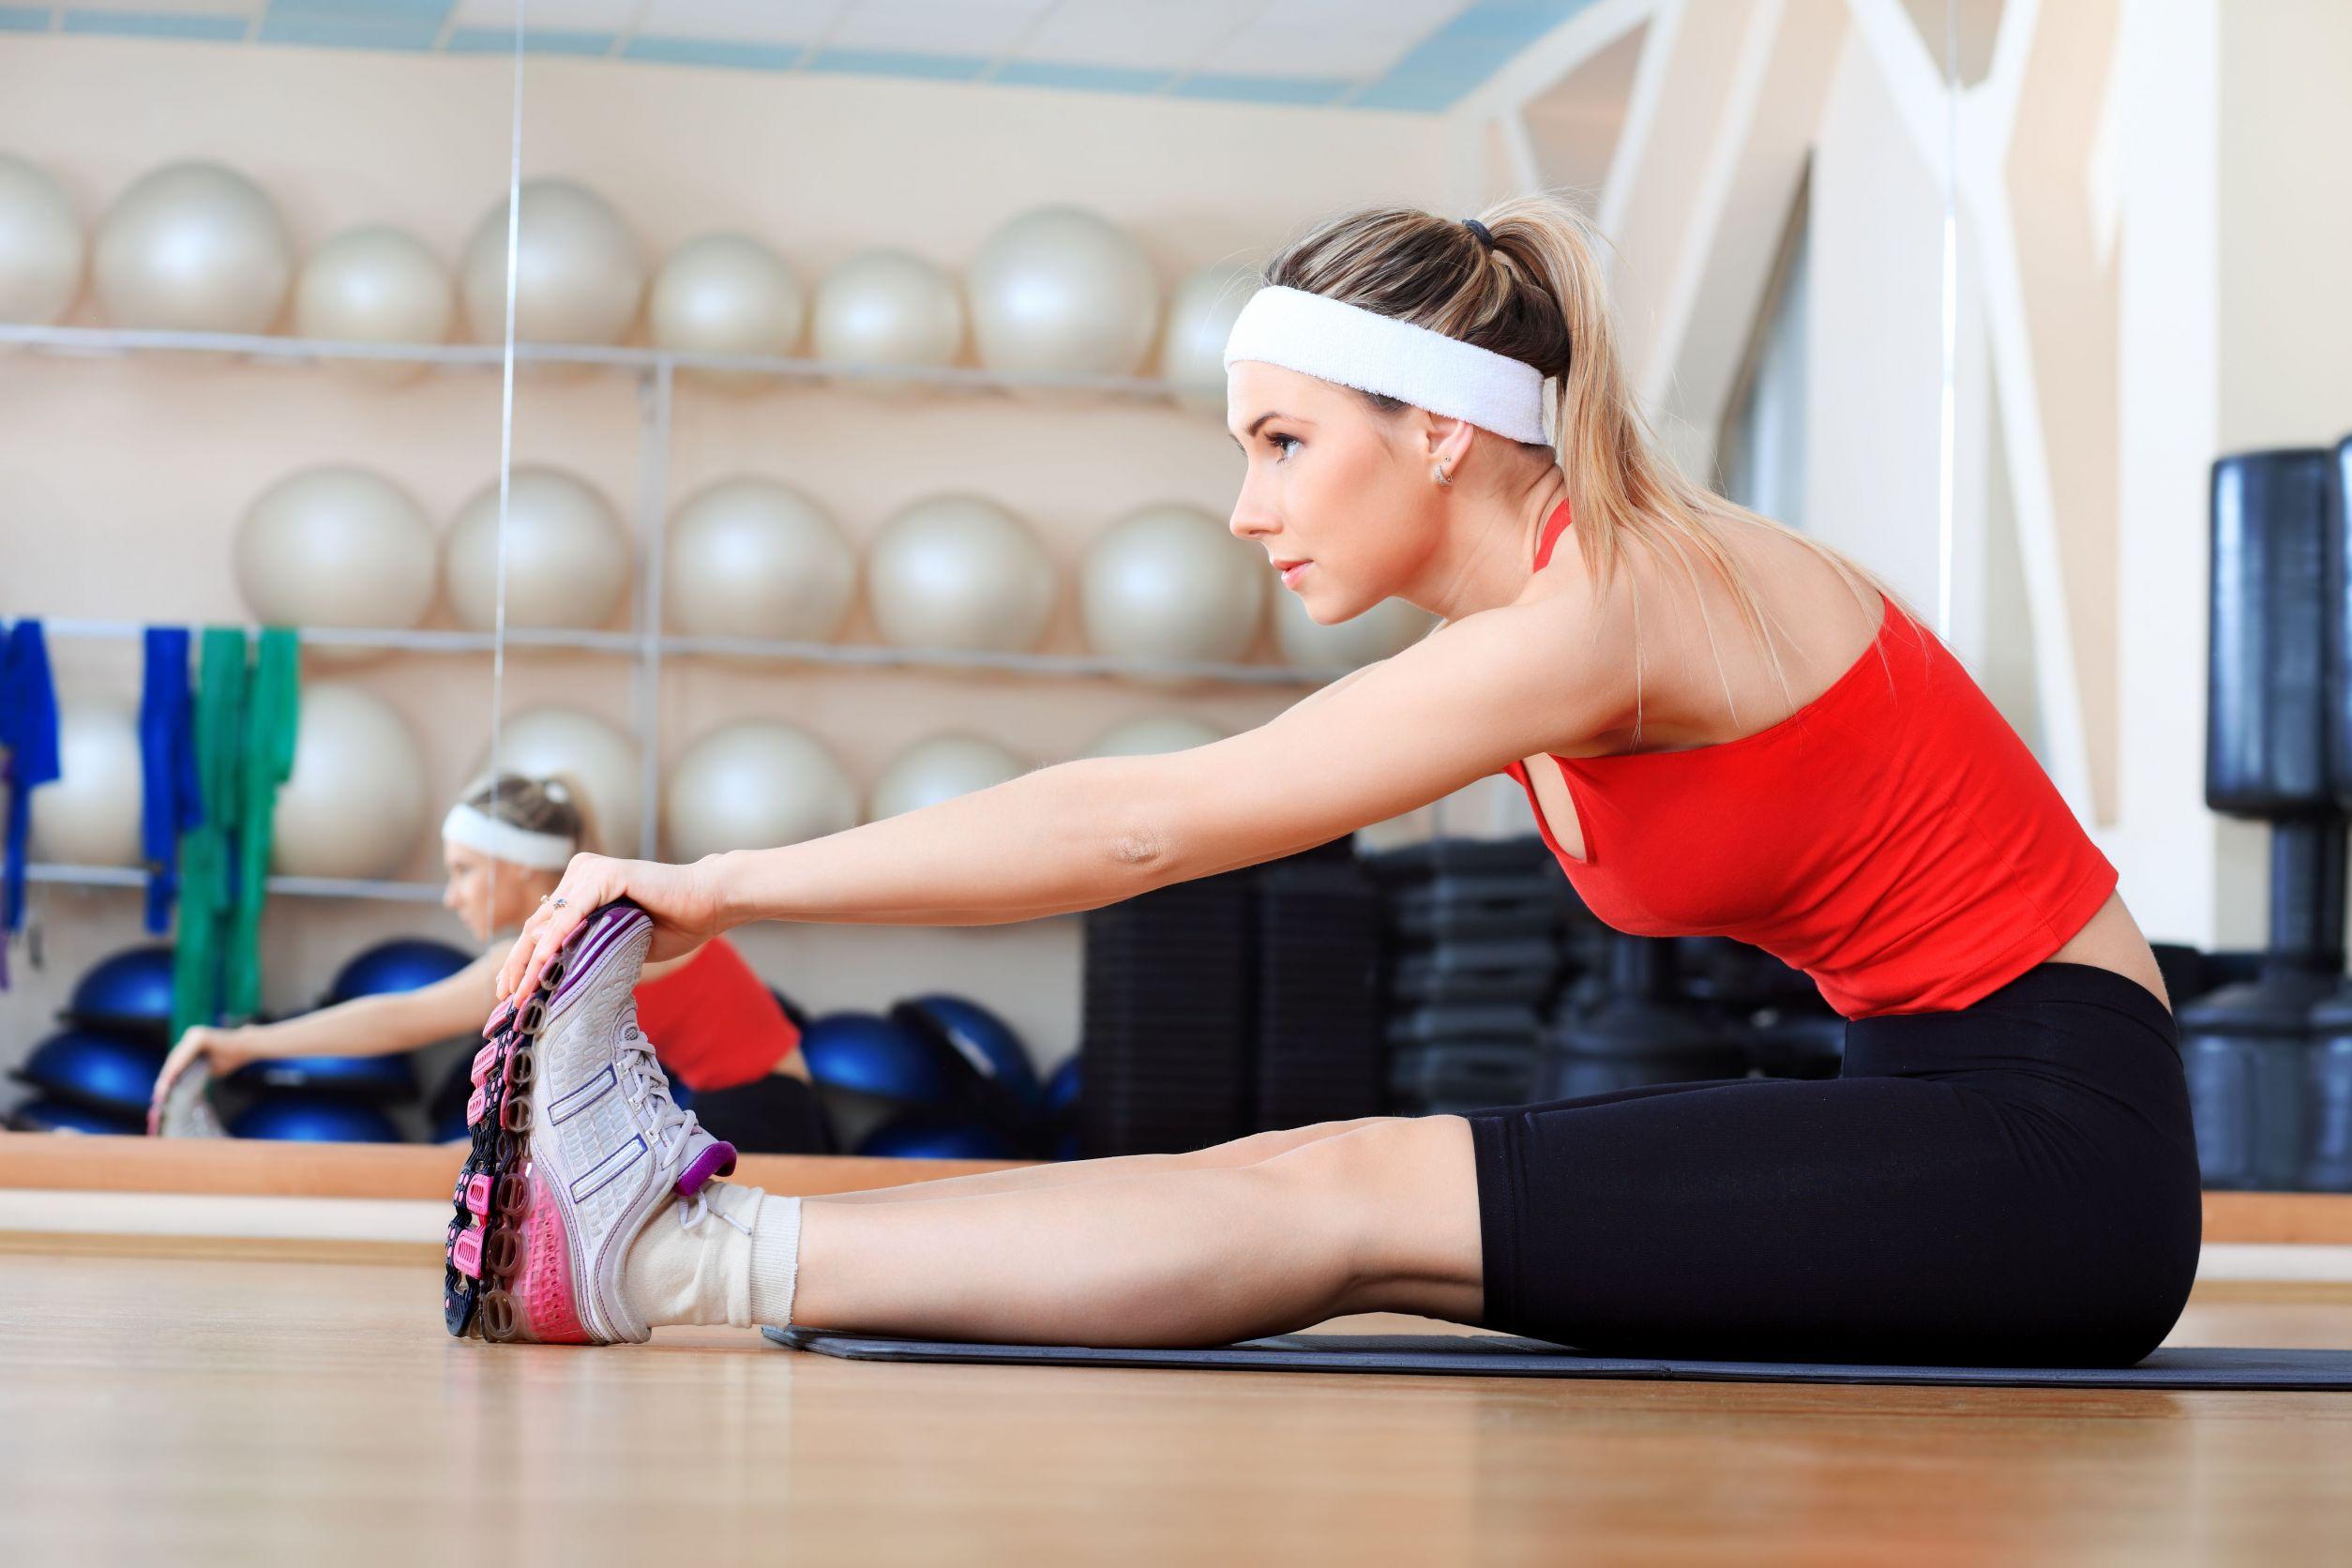 Ходьба на ягодицах: действительно ли помогает упражнение?